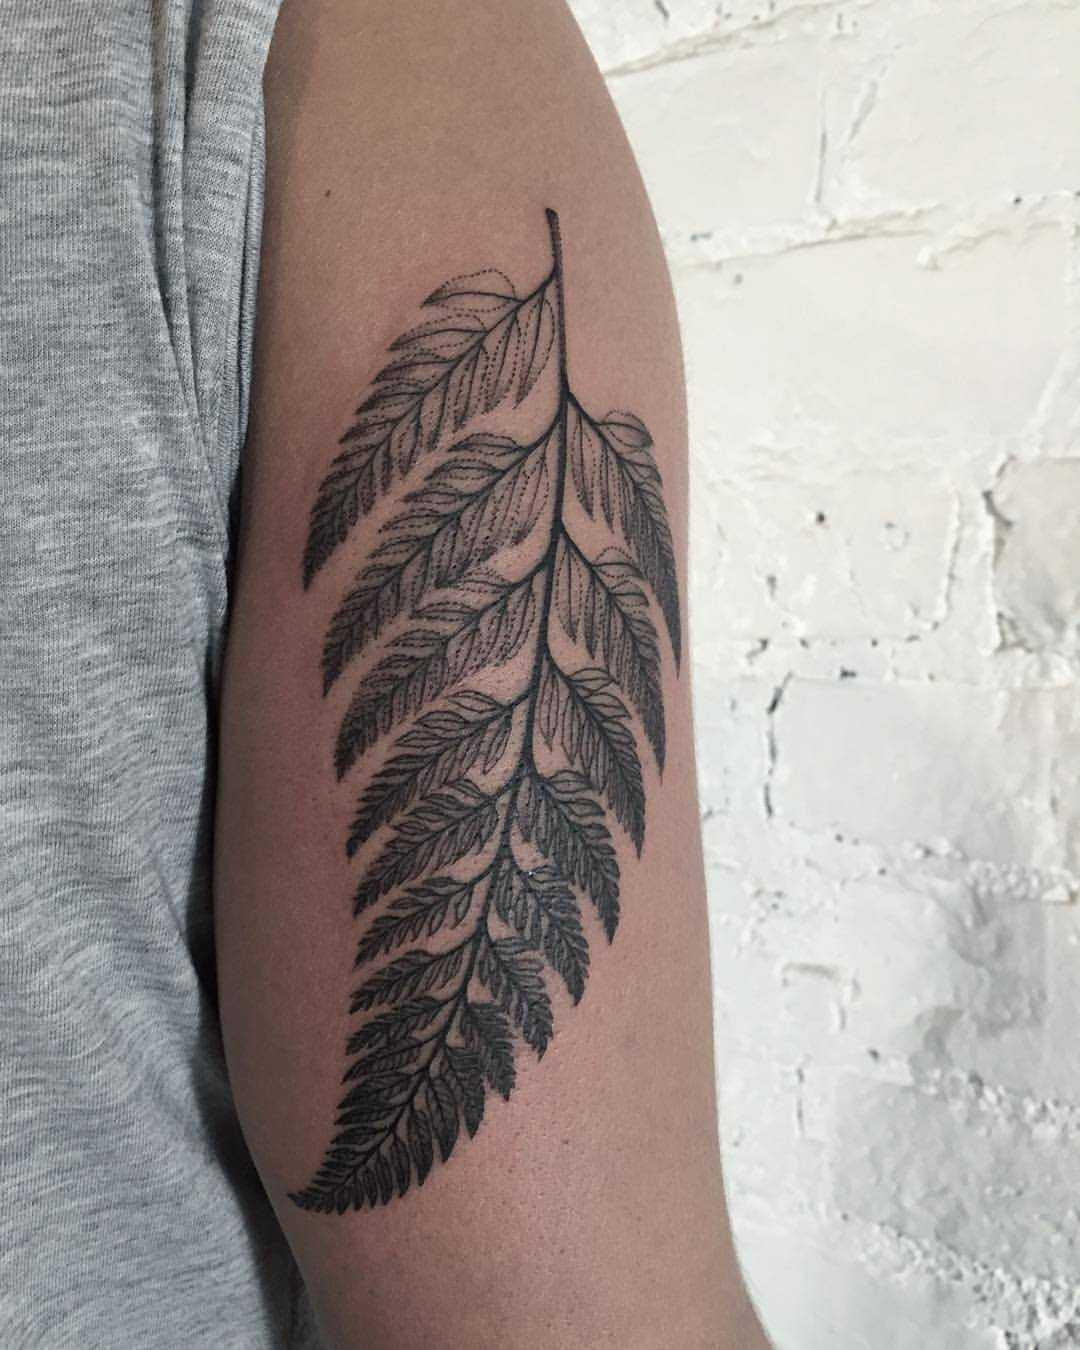 Fern leaf by Sasha Tattooing